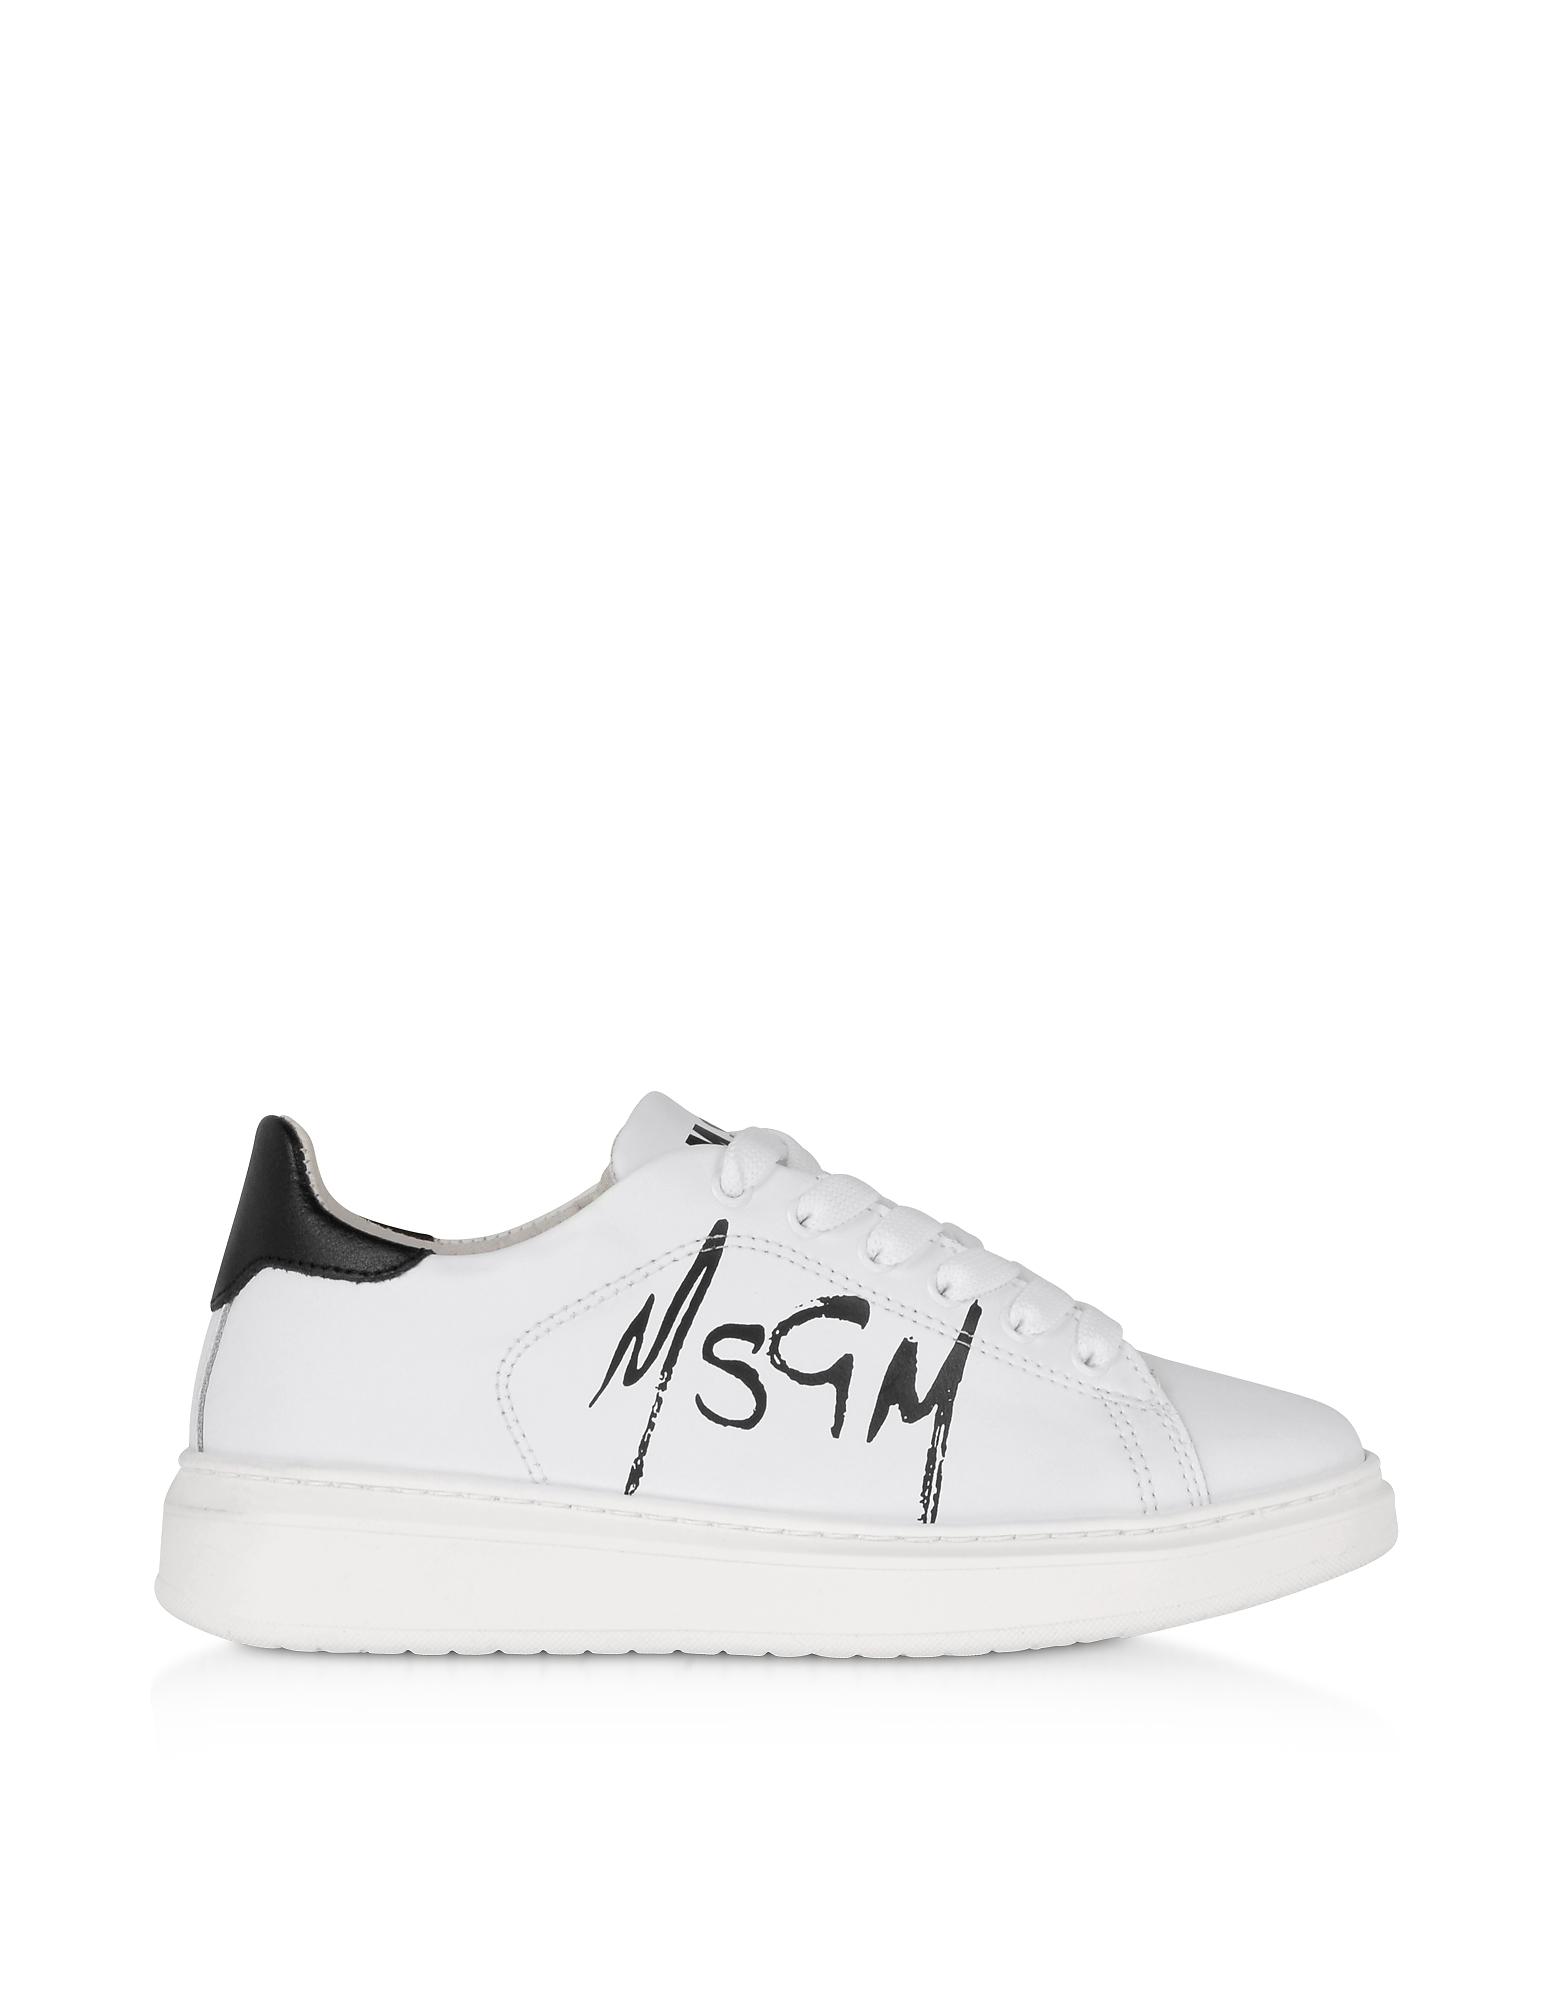 MSGM White Sneakers w/ Logo